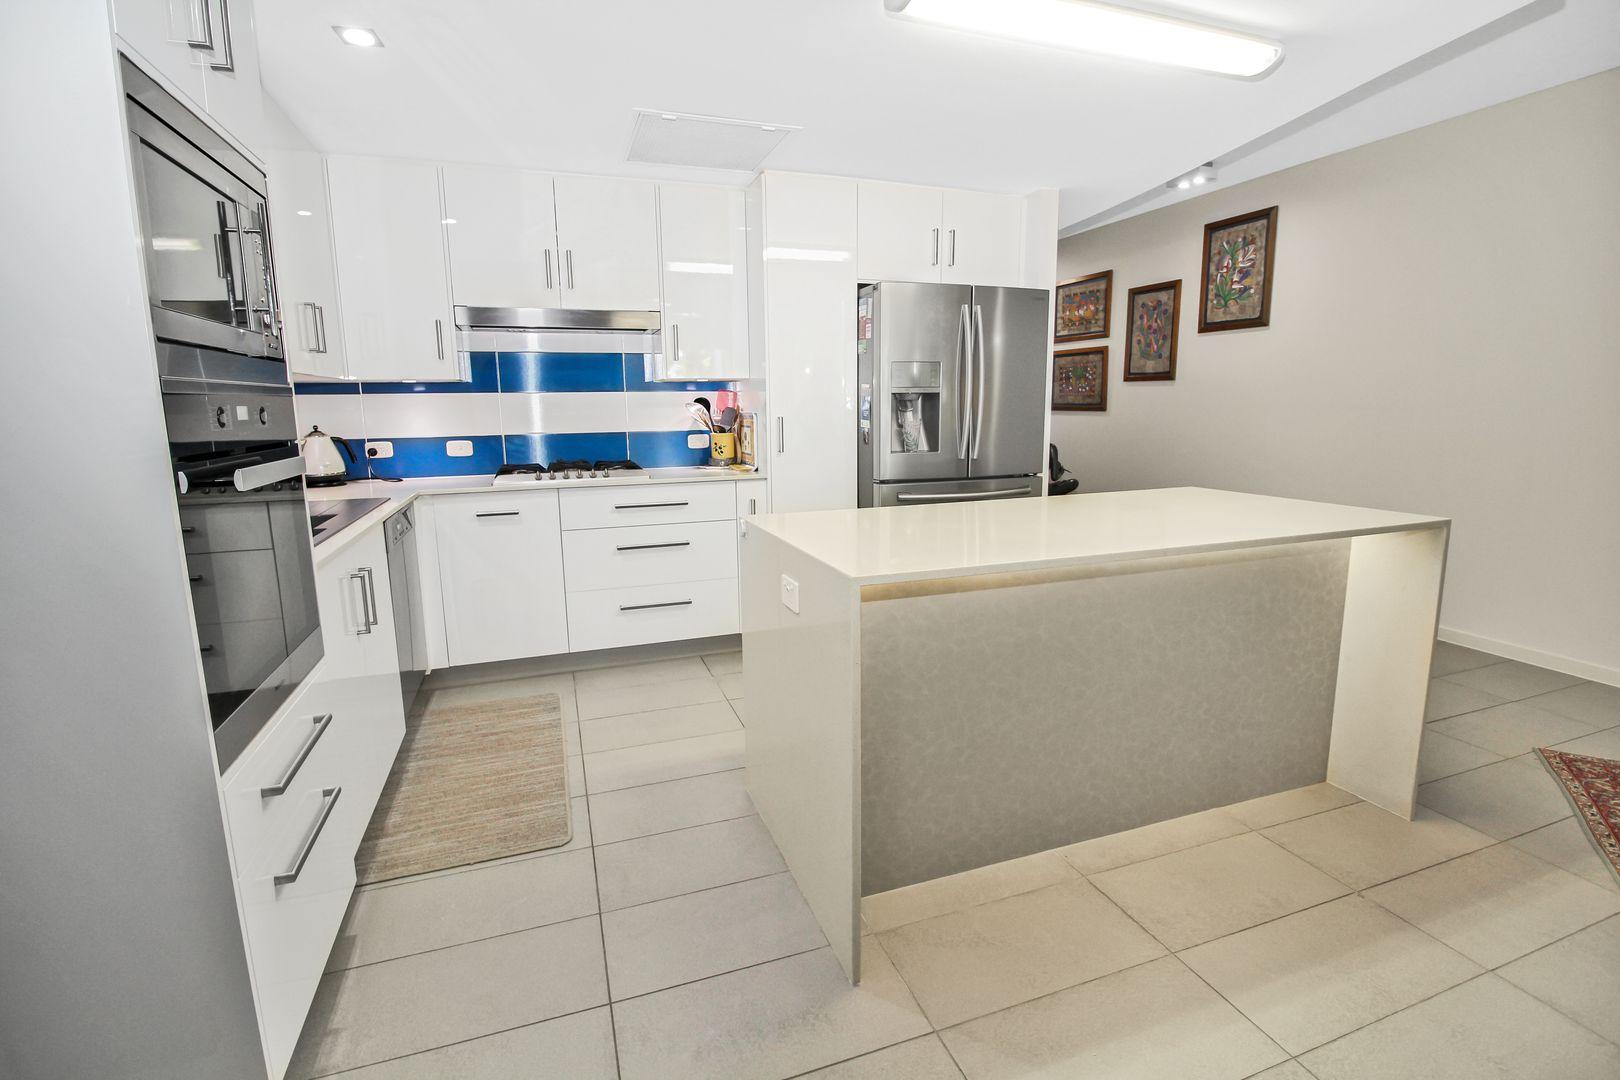 7/96-98 Mitchell Street, North Ward QLD 4810, Image 0